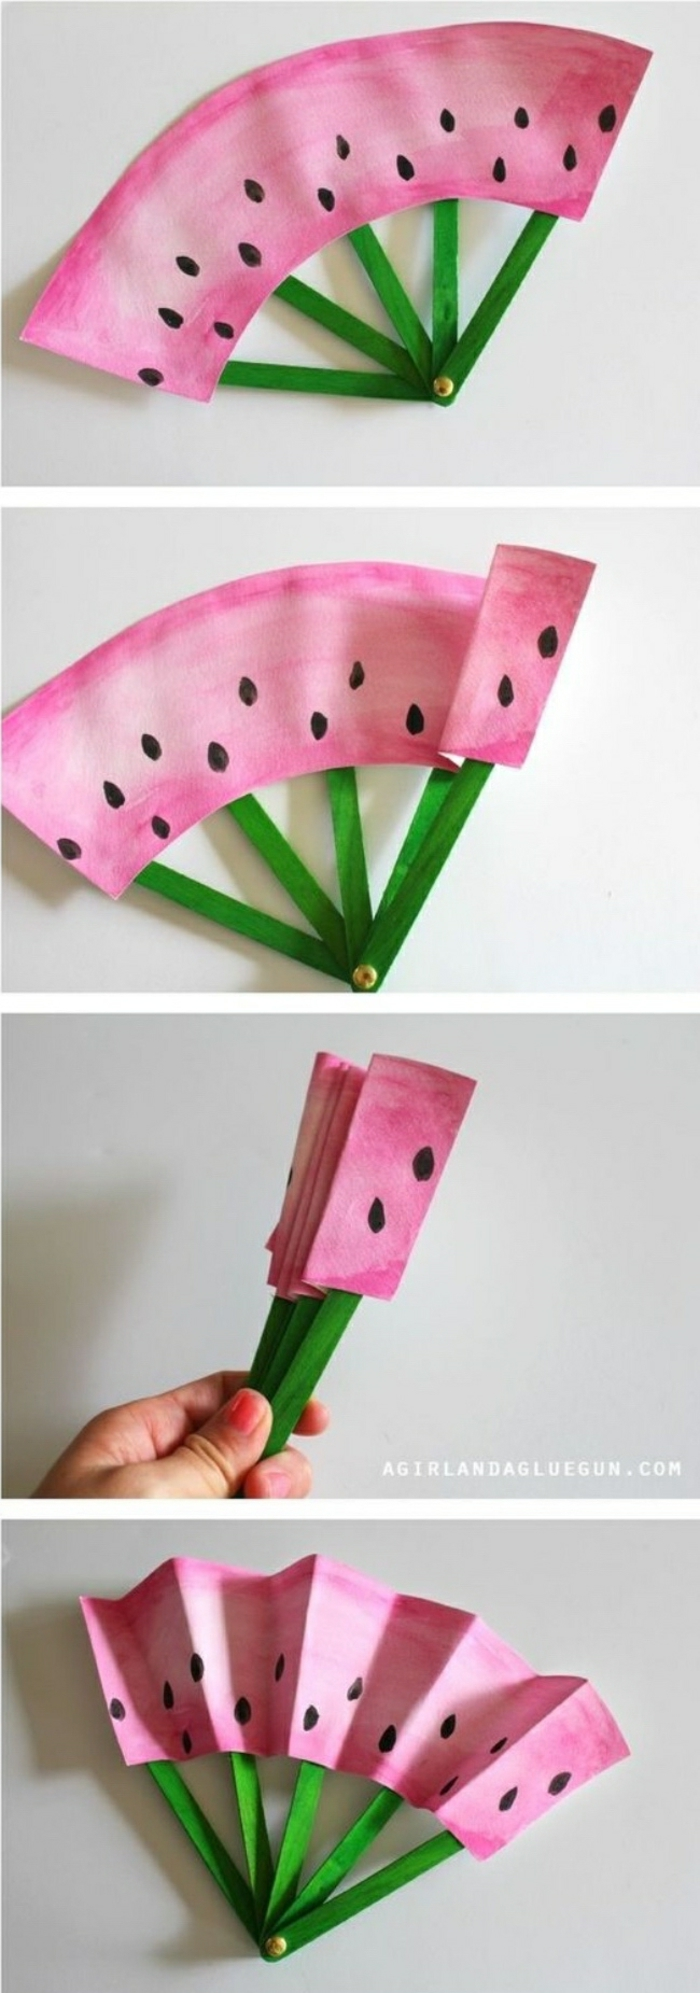 Idee lavoro creativo con la realizzazione di un ventaglio di carta a forma di anguria